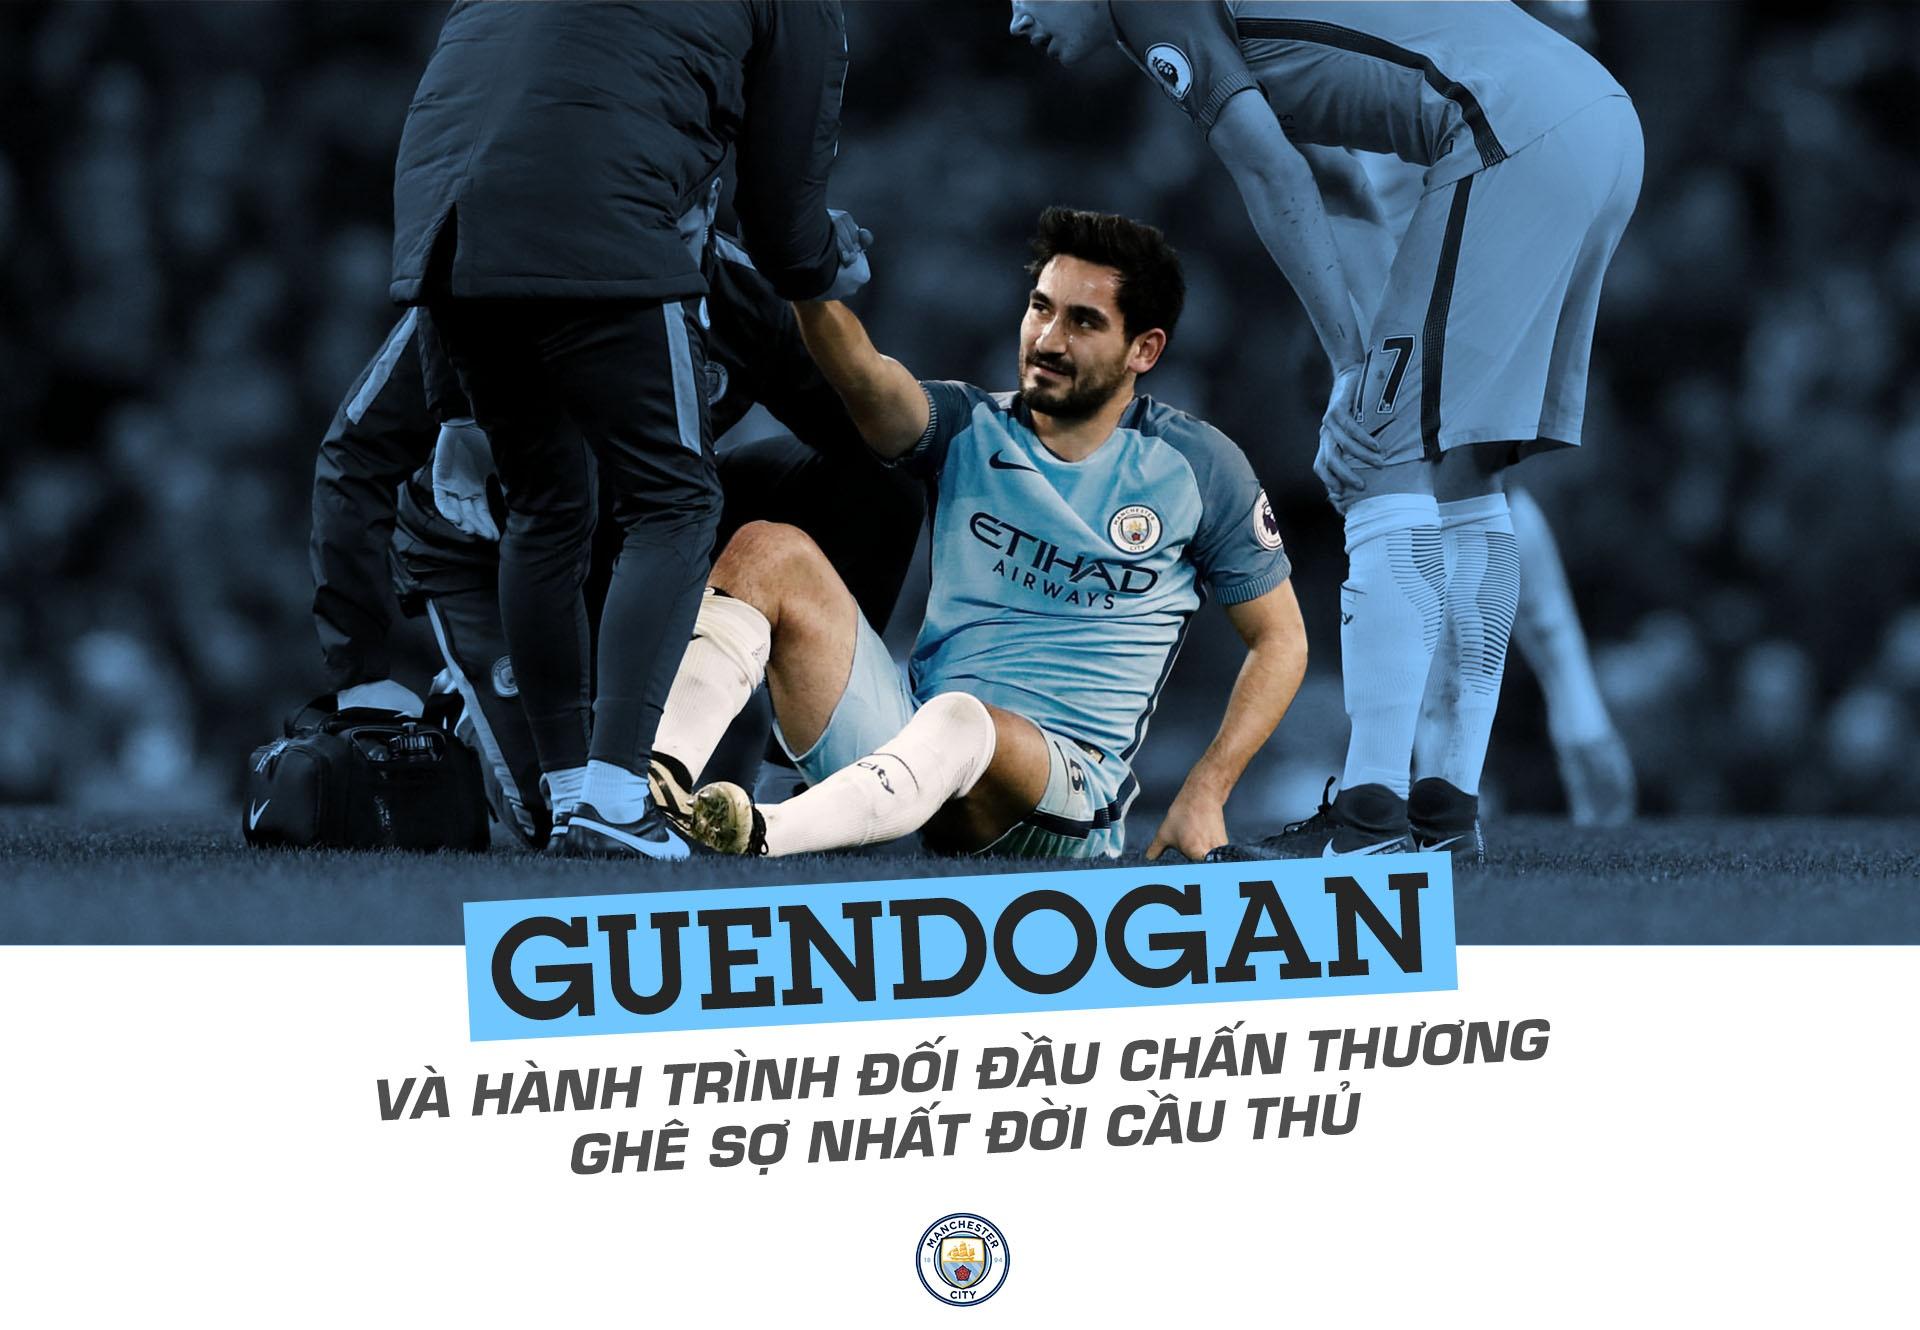 Guendogan: Hanh trinh doi dau chan thuong ghe so nhat doi cau thu hinh anh 2